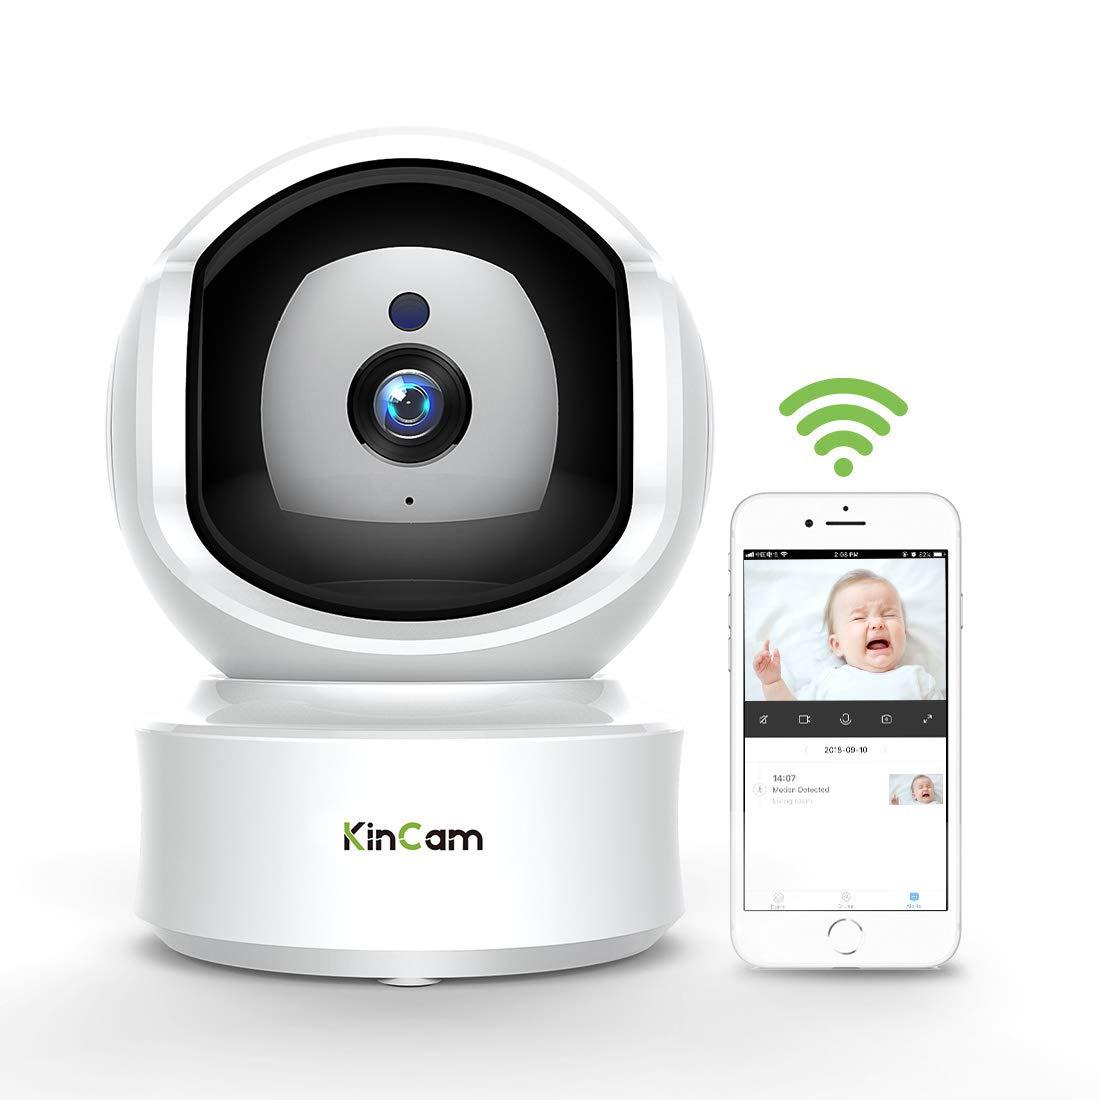 WiFi Kamera, KinCam 1080P IP Kamera HD WiFi Babyphone mit Bewegungserkennung, Nachtsicht, Zwei-Wege-Audio,Cloud Speicher Ideal fü r IOS, Android und WIN7 / 10